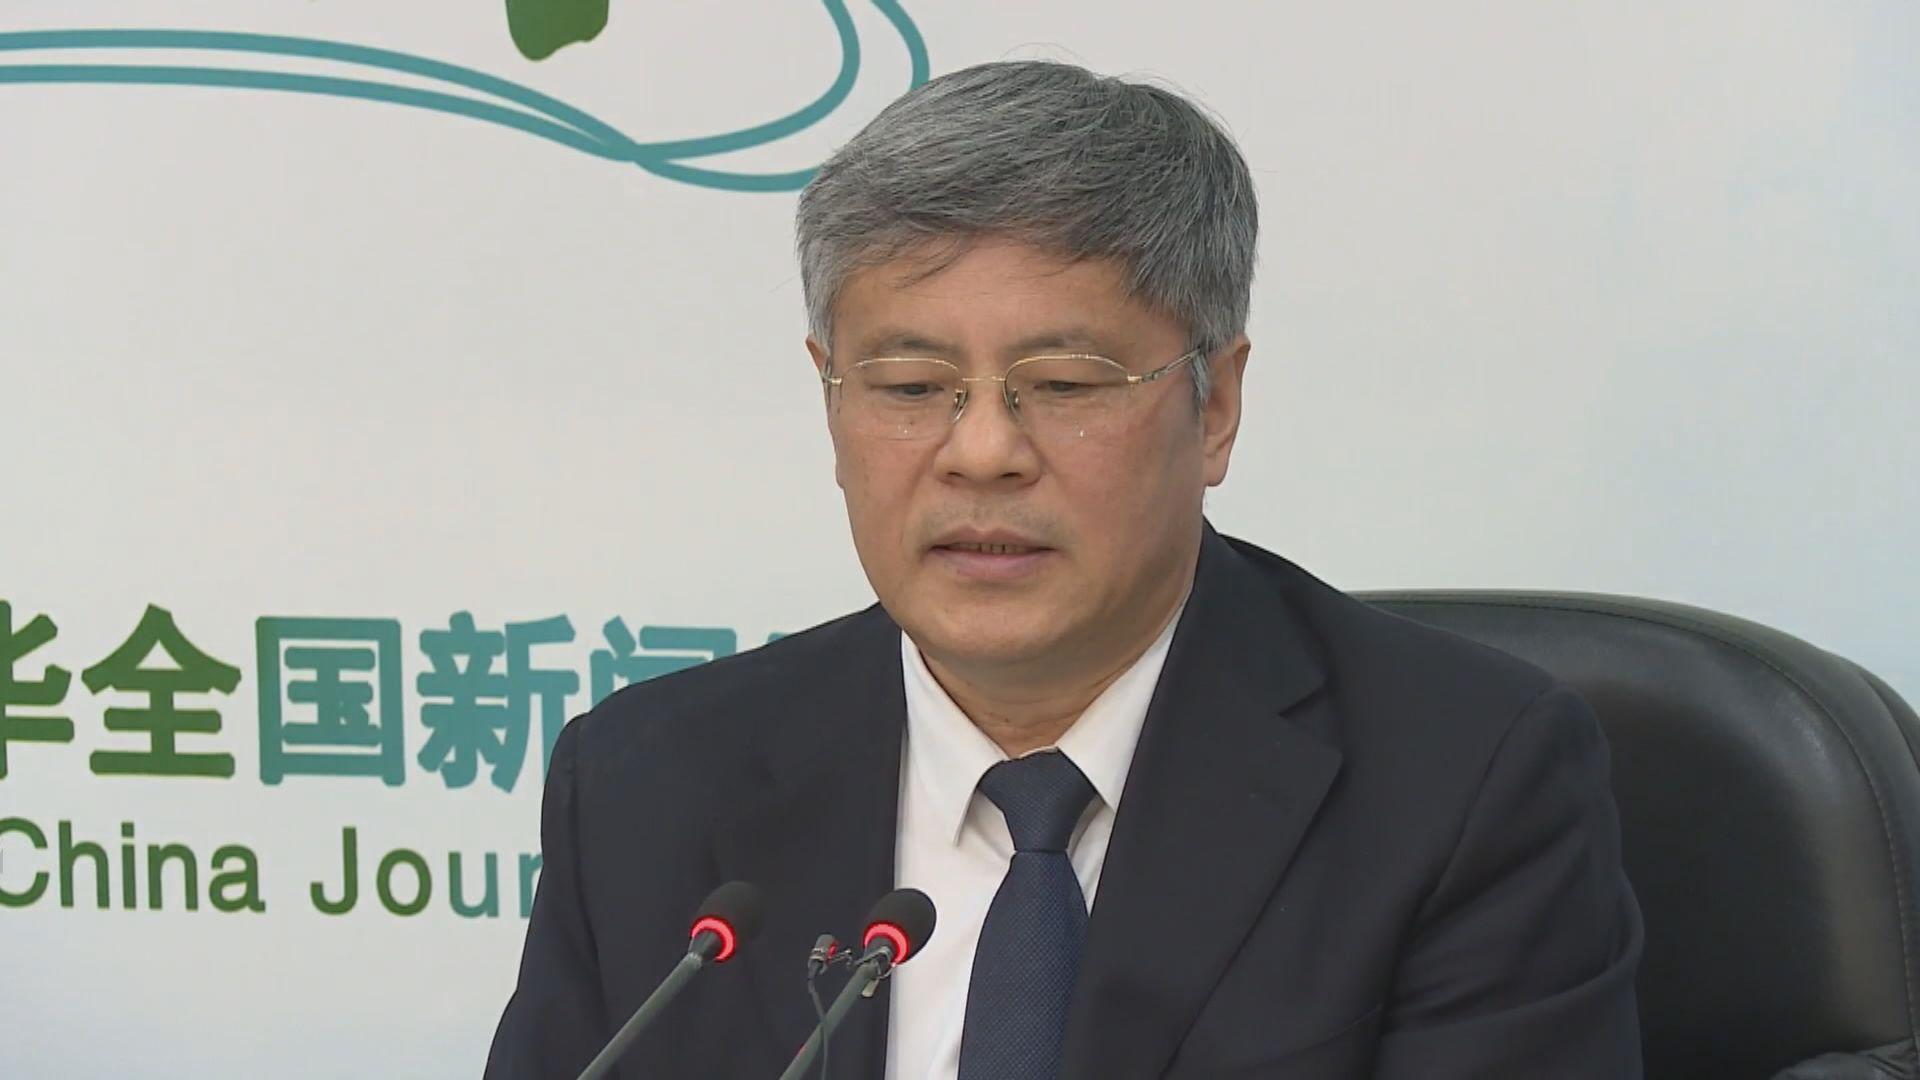 中央黨校副校長謝春濤稱應加強中國憲法教育